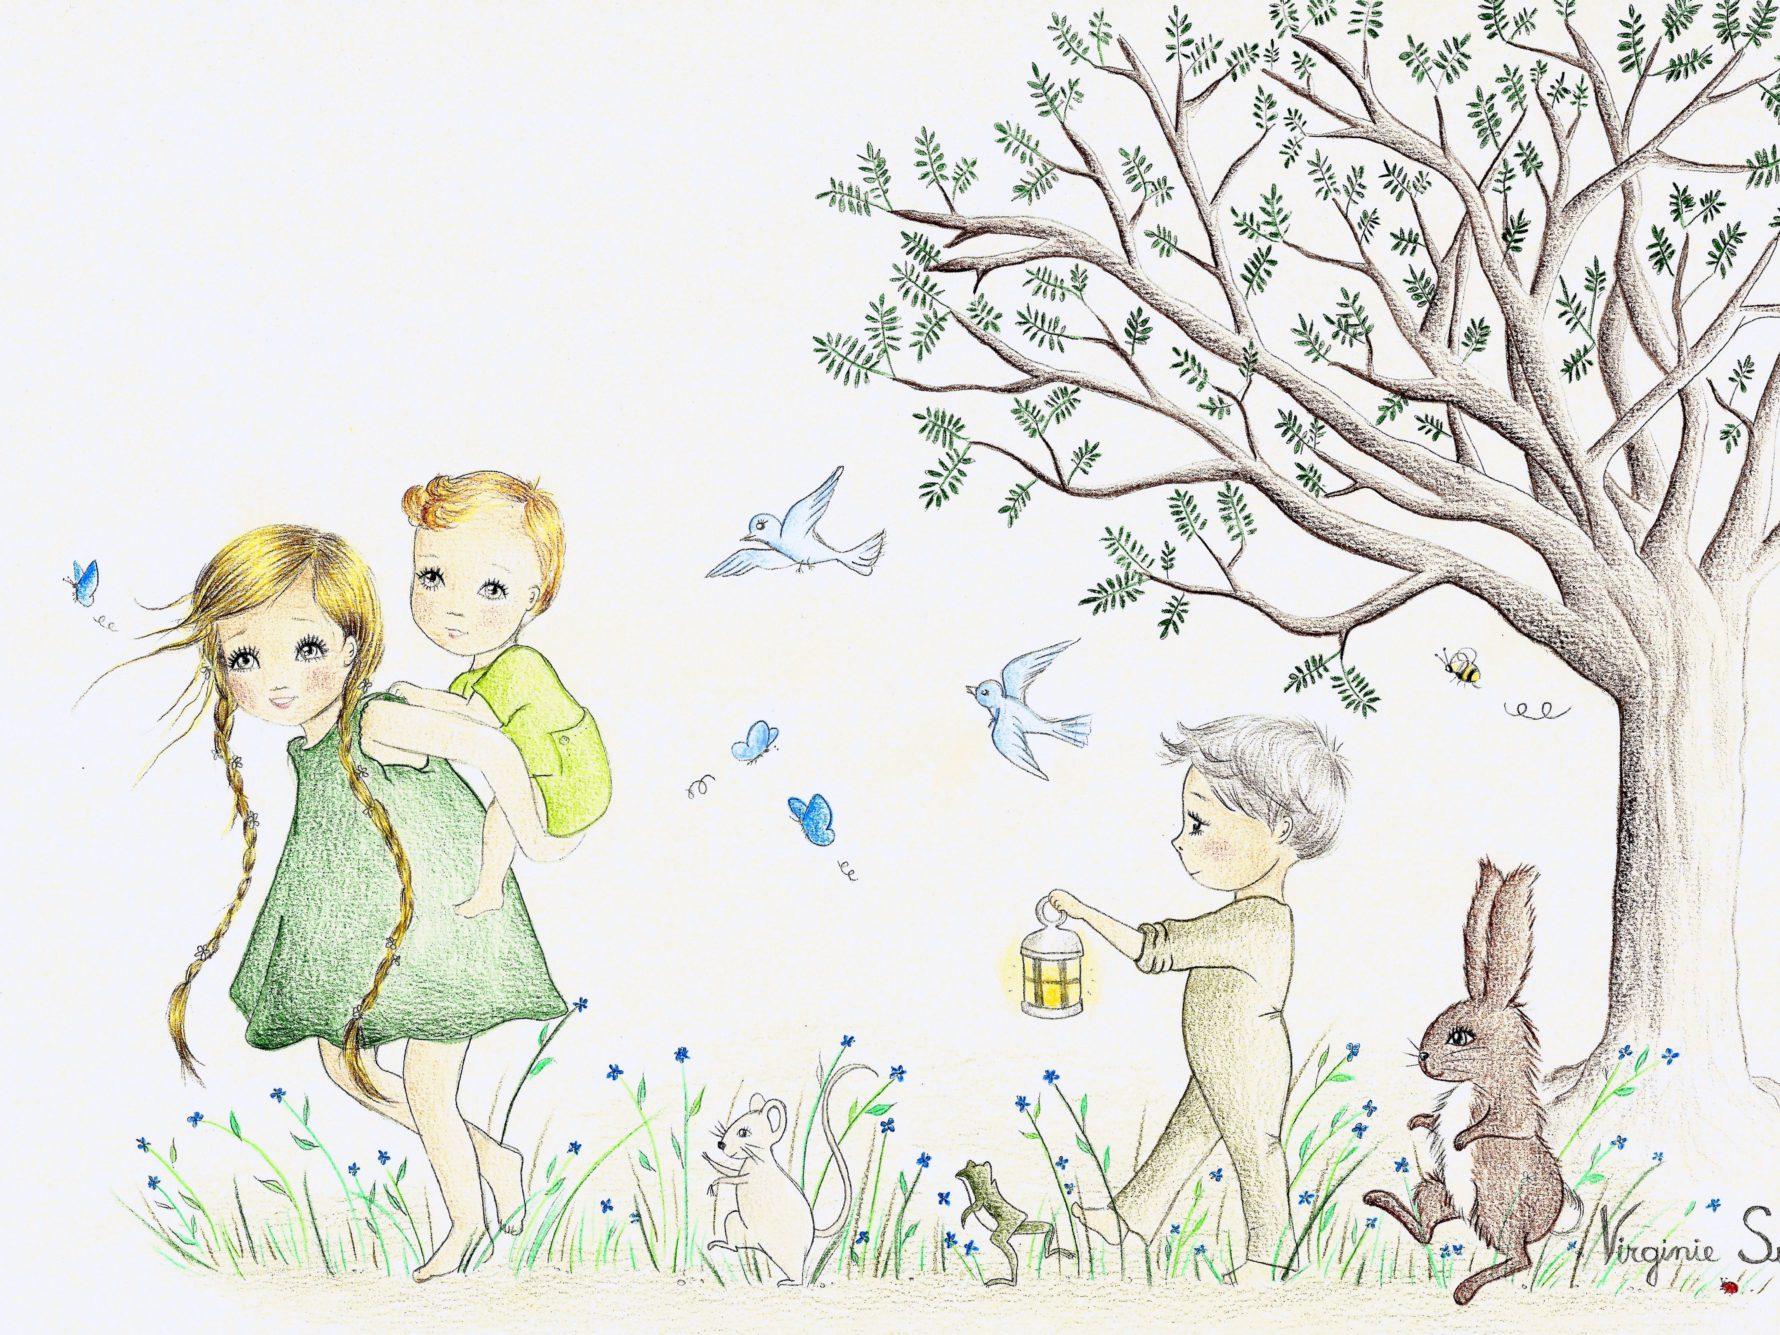 Virginie Suys Children in the forest in green & blue illustration